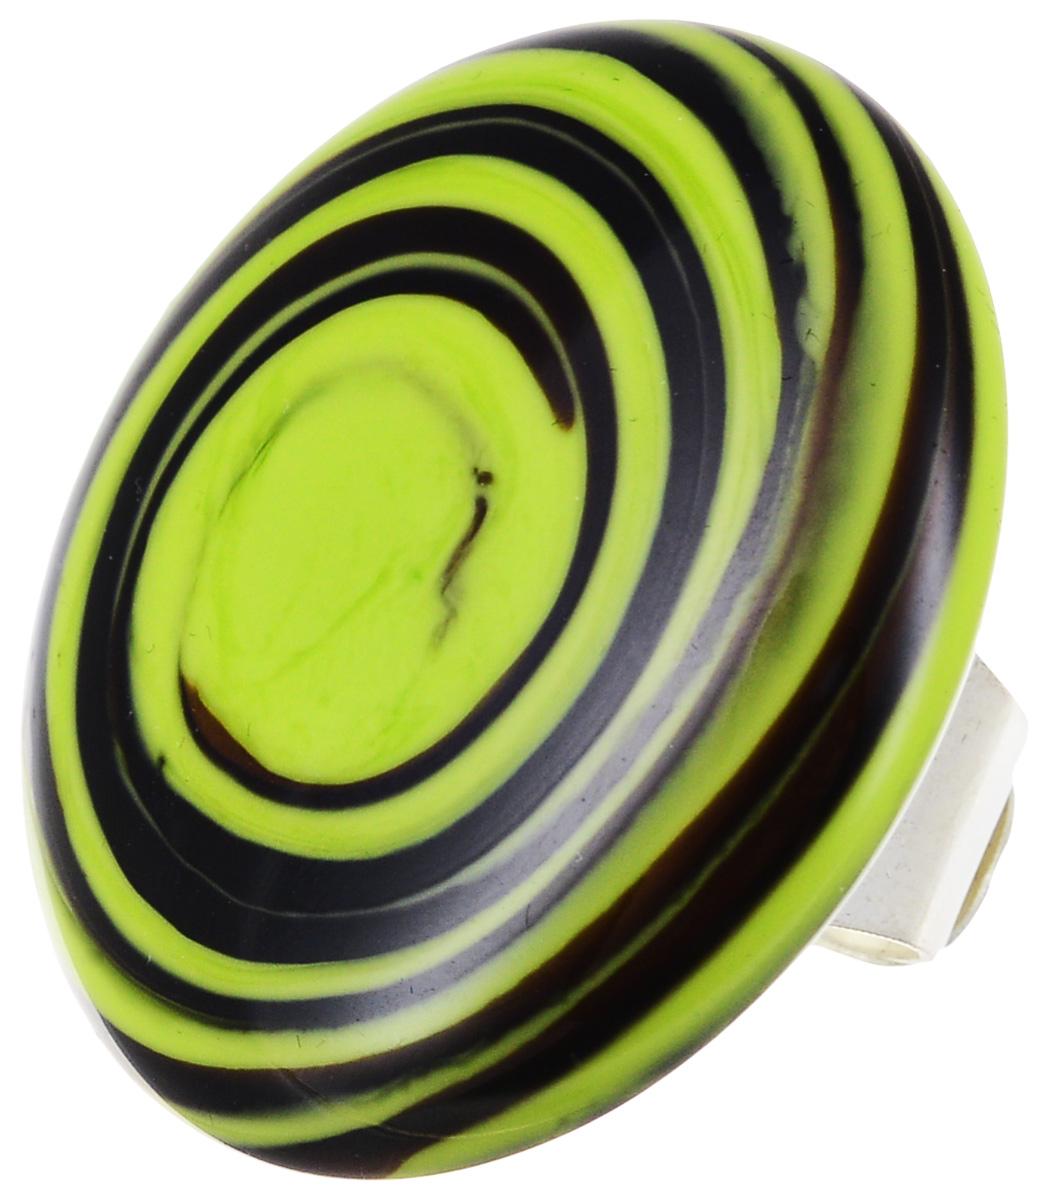 Кольцо коктейльное Фокусы. Муранское стекло, бижутерный сплав серебряного тона, ручная работа. Murano, Италия (Венеция)Коктейльное кольцоКольцо коктейльное Фокусы.Муранское стекло, бижутерный сплав серебряного тона, ручная работа.Murano, Италия (Венеция).Размер регулируется.Каждое изделие из муранского стекла уникально и может незначительно отличаться от того, что вы видите на фотографии.